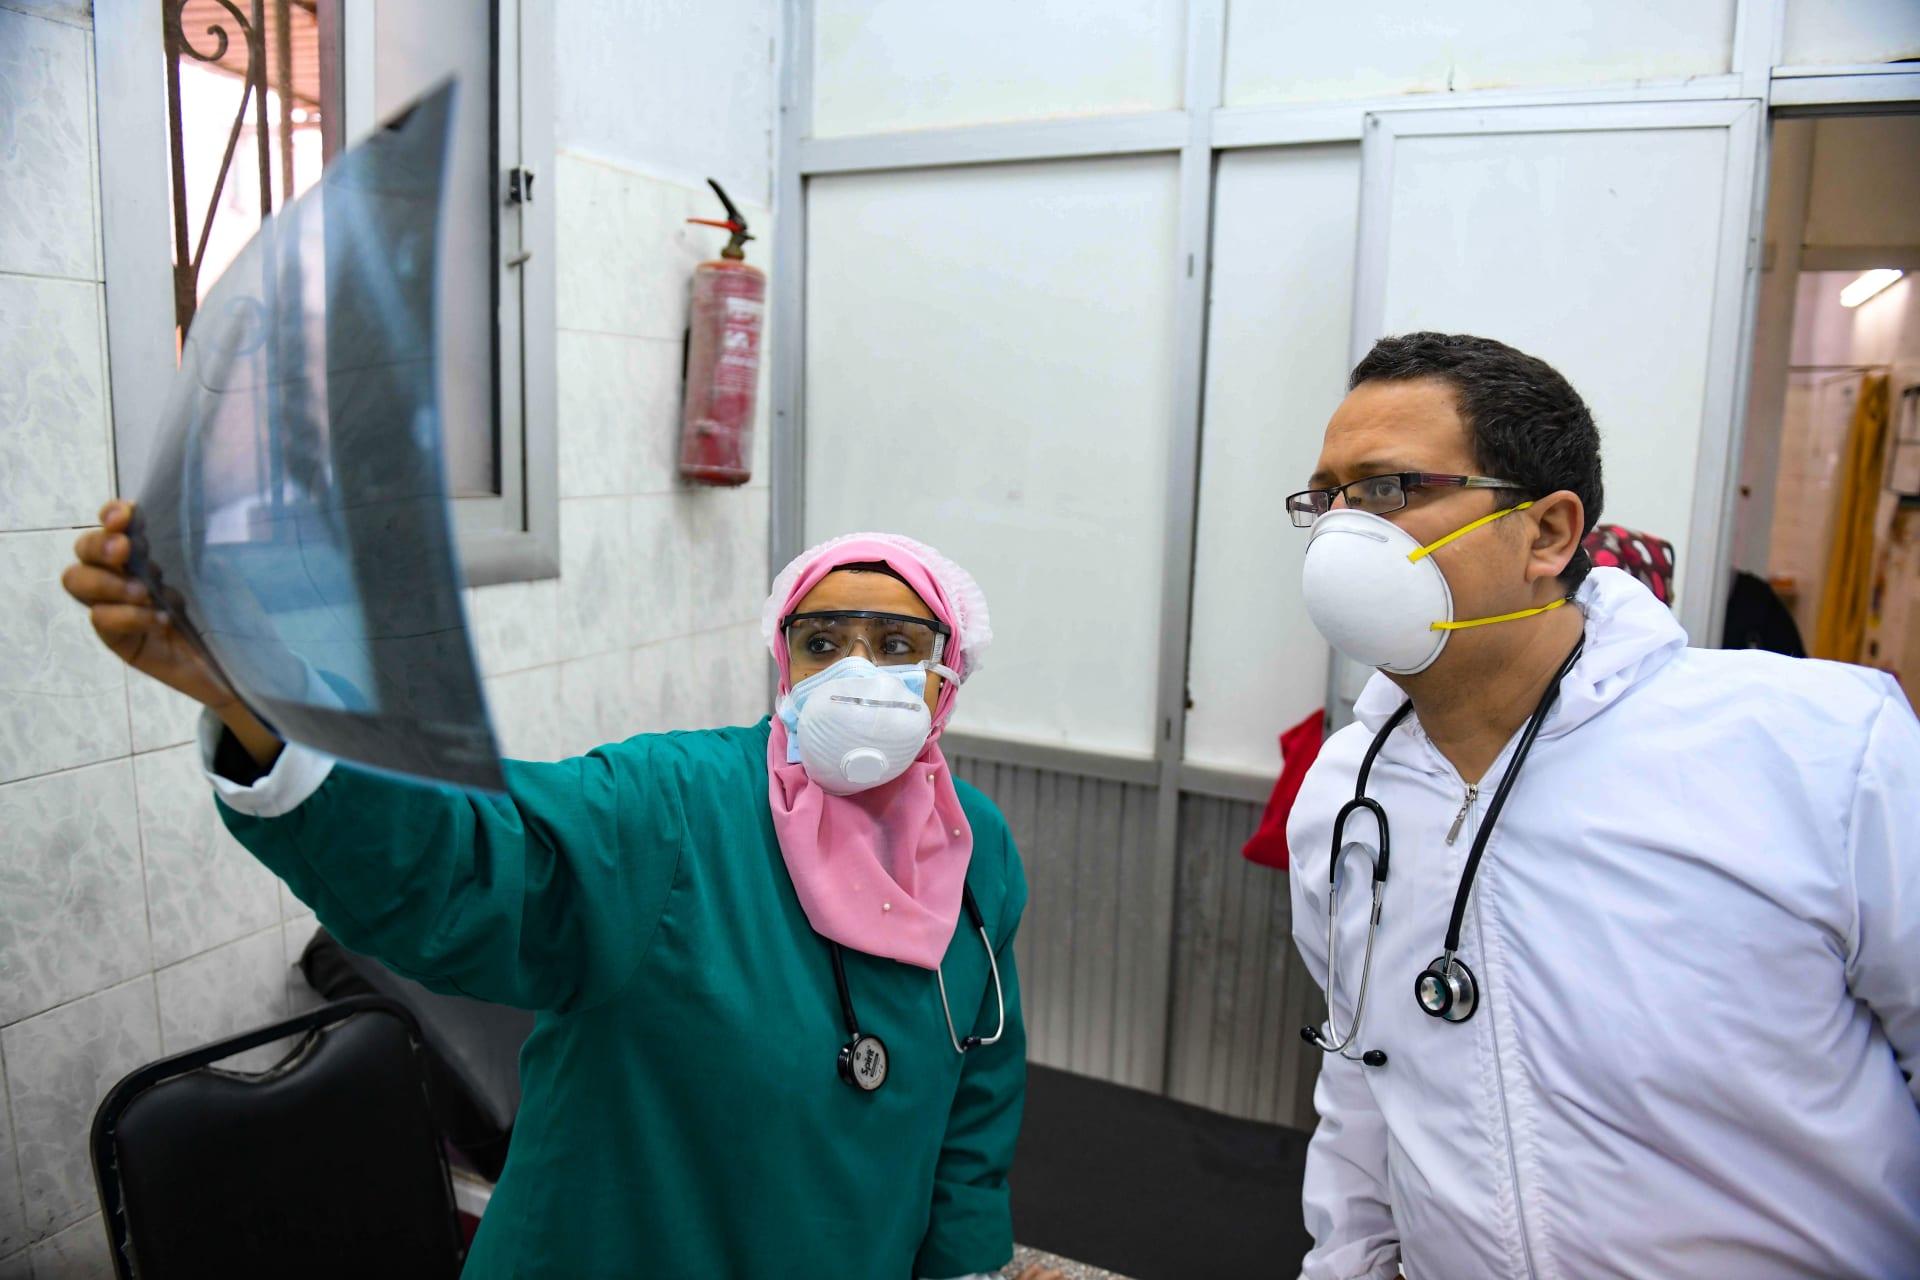 غرامات فورية وإلغاء احتفالات.. قرارات للحكومة المصرية لمواجهة انتشار فيروس كورونا